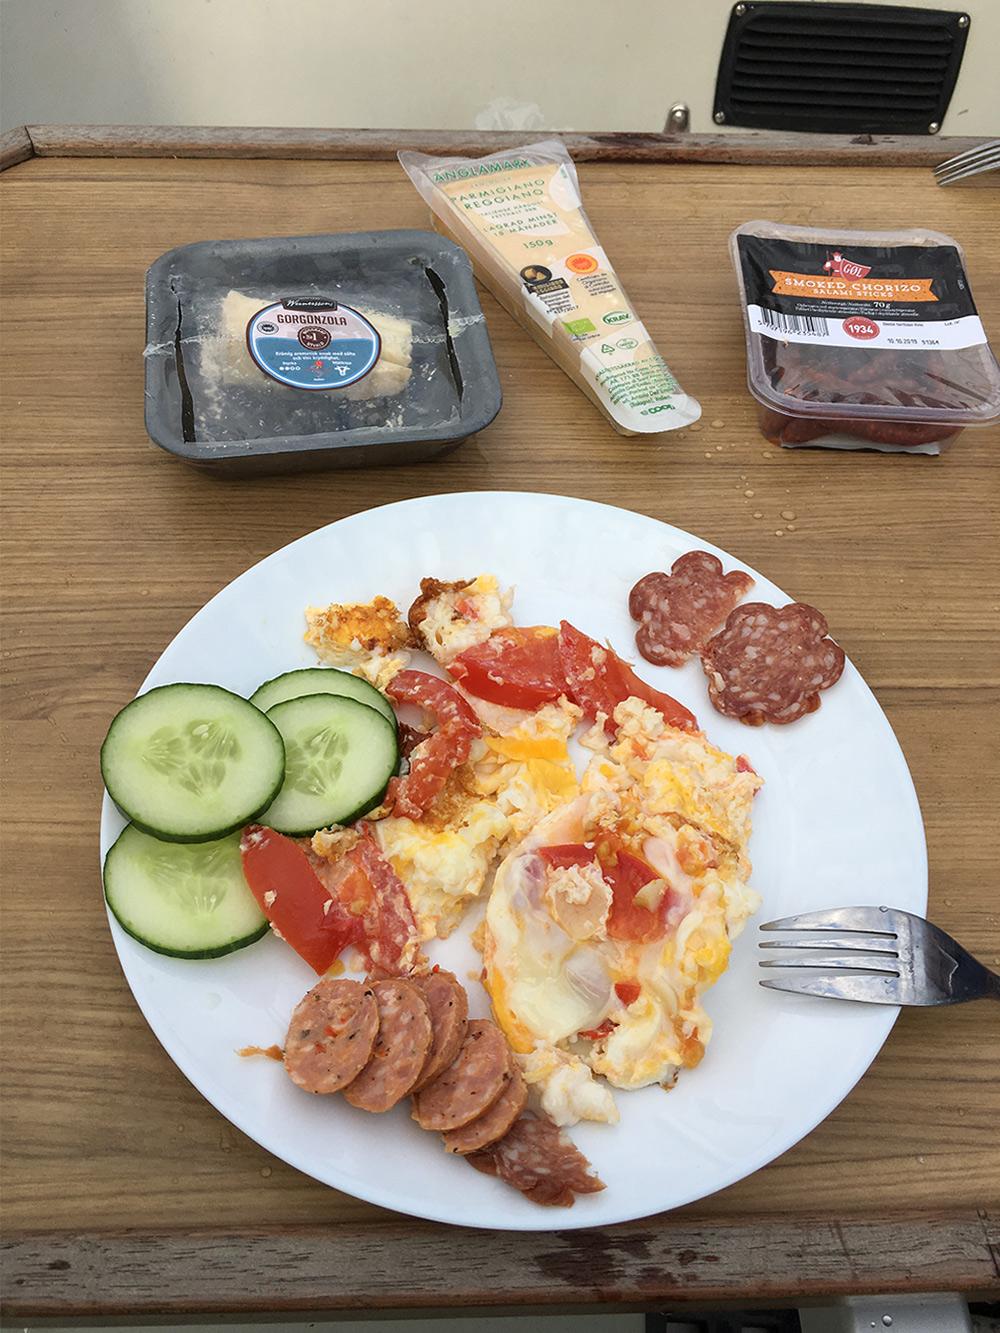 На завтрак готовили яичницу с беконом и бутерброды с сыром. Покупали хлеб, печенье, паштет, кофе и чай. На ужин готовили второе, например макароны с разогретой копченой курицей и овощами